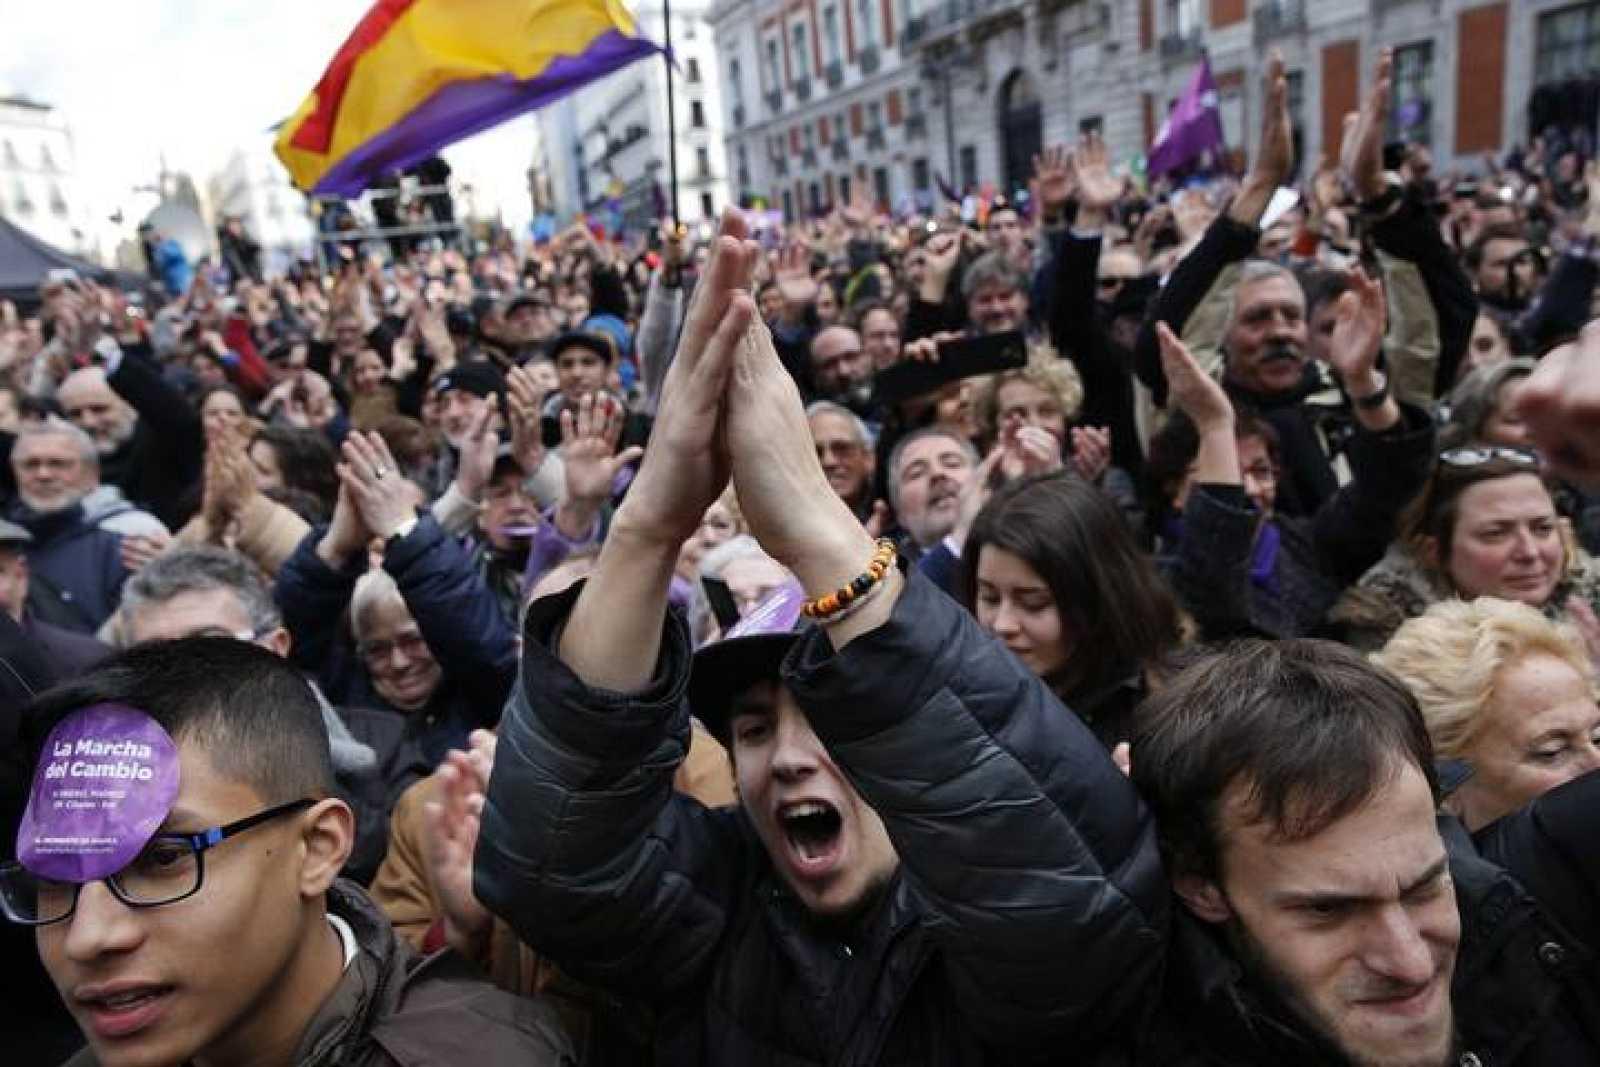 Manifestantes en la marcha por el cambio convocada por Podemos en Madrid el pasado 31 de enero.